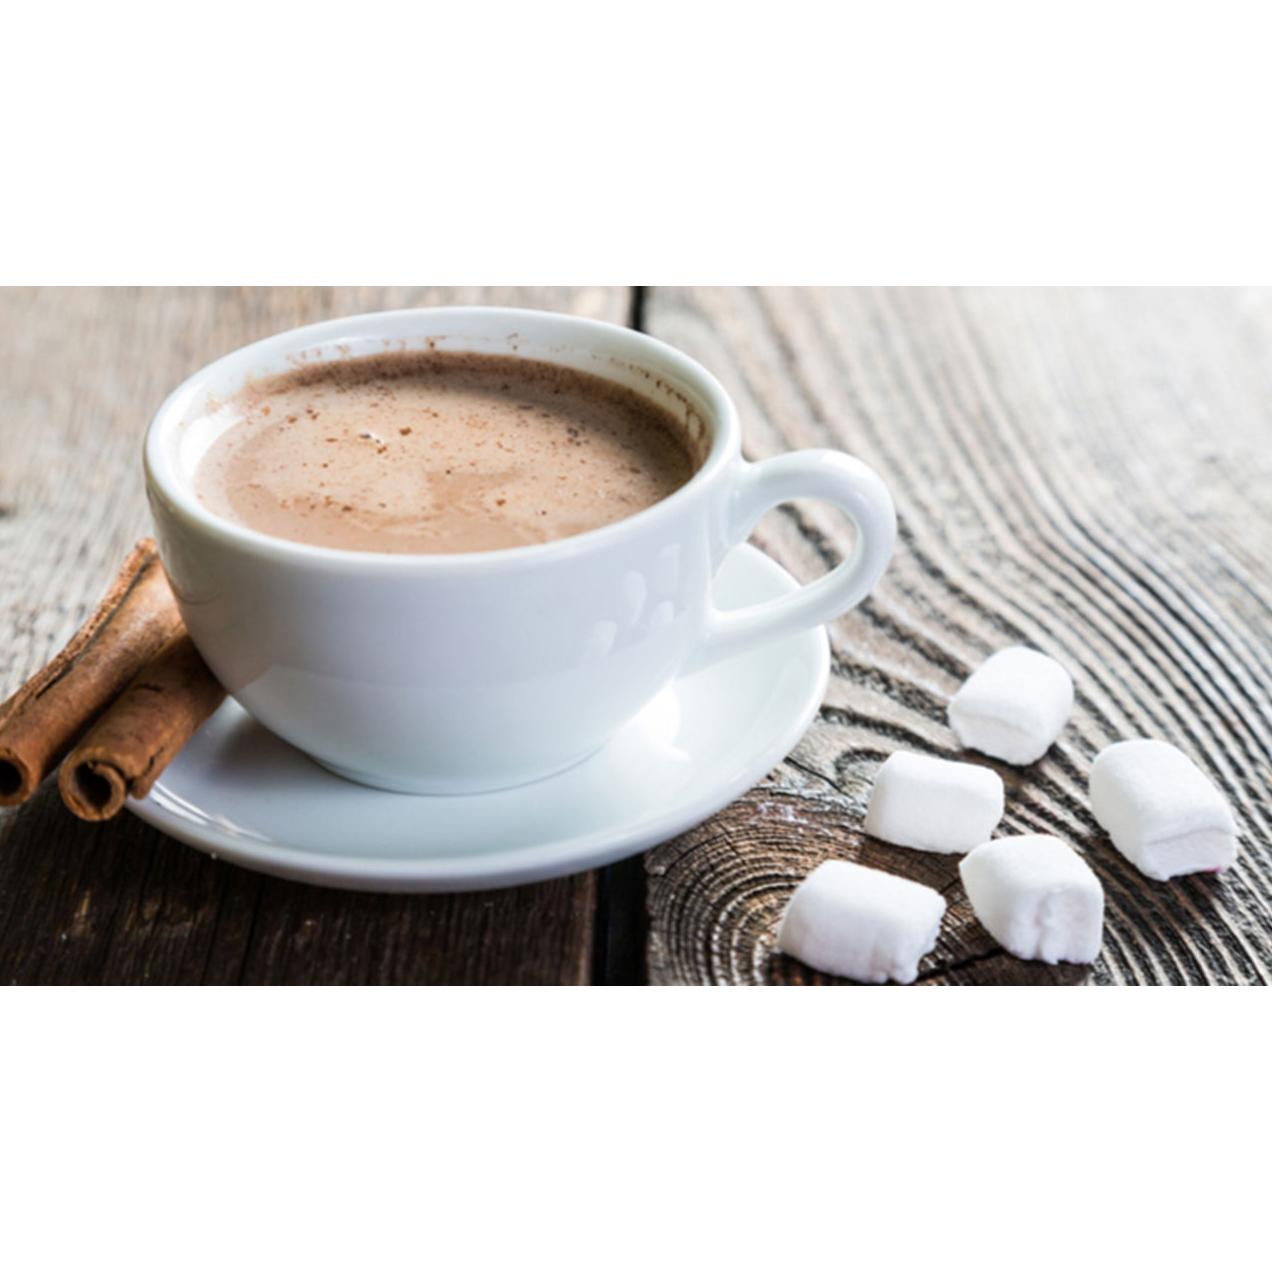 ساشه هات چاکلت مولتی کوکو - 27 گرم main 1 3